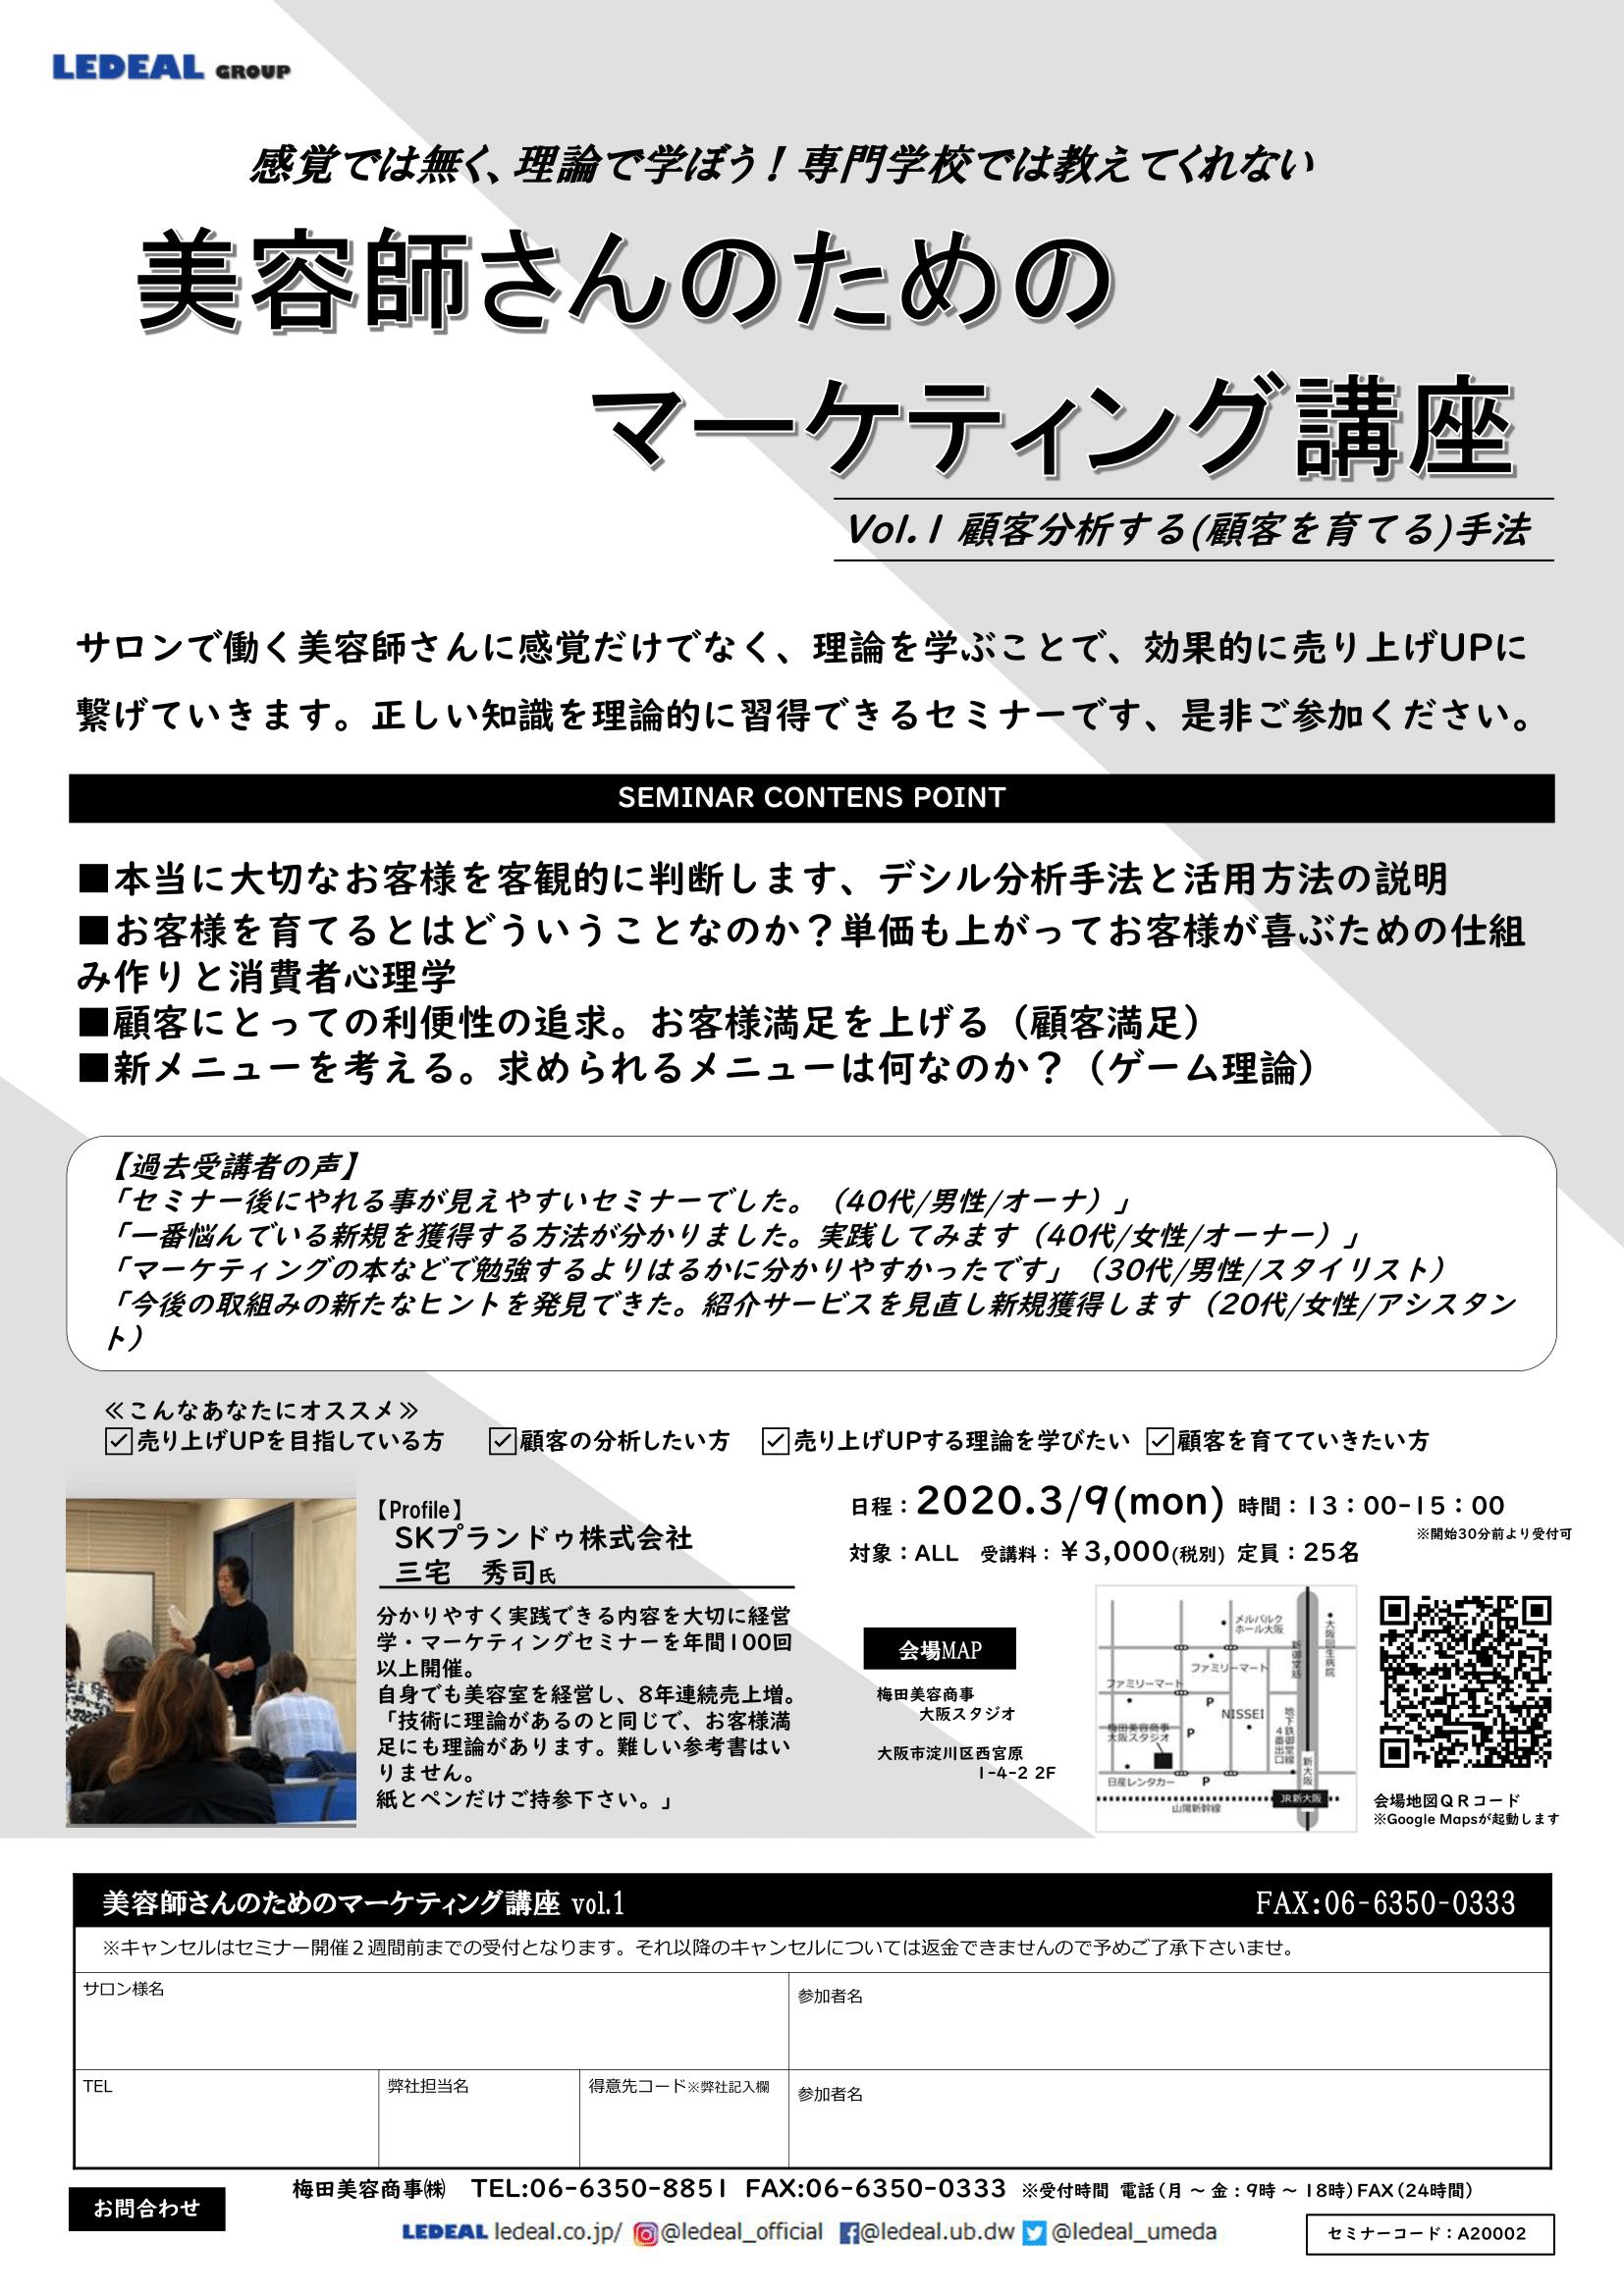 【大阪】美容師さんのためのマーケティング講座 vol.1